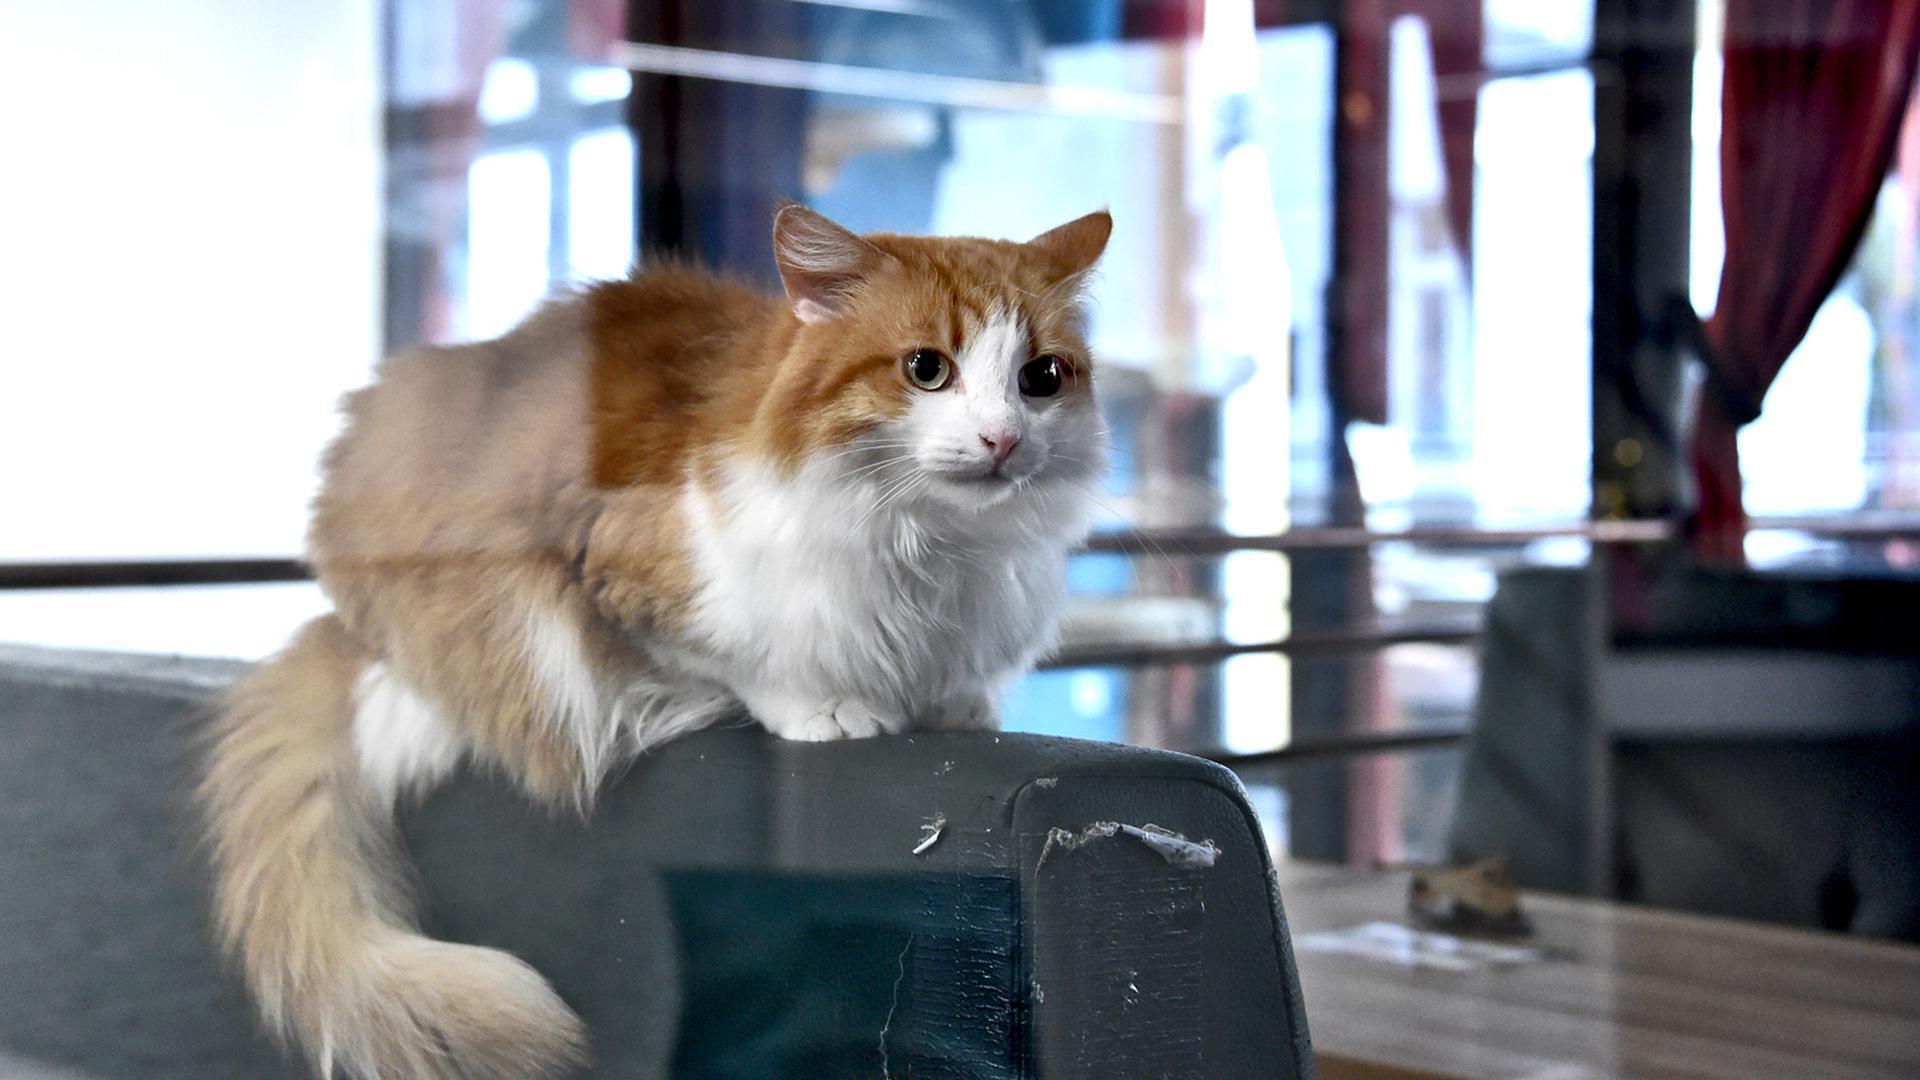 Eine rote Katze sitzt auf der Lehne eines Café-Sessels und blickt durch das Fenster nach draußen.